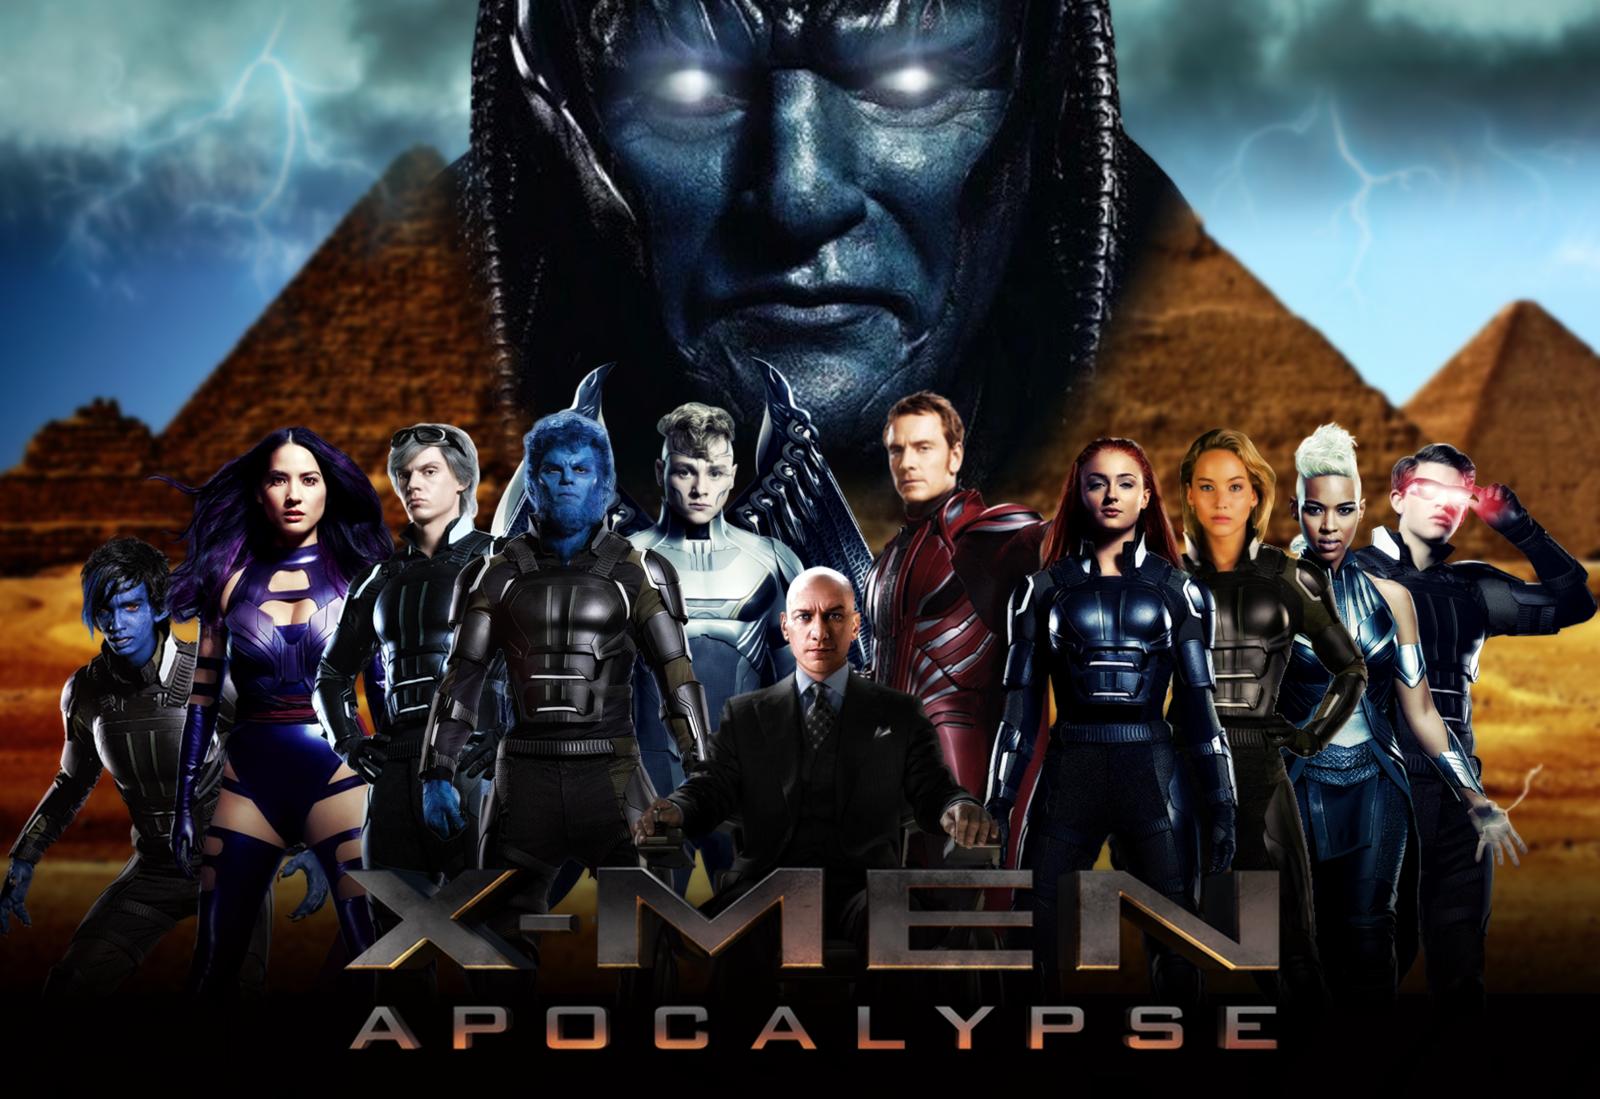 X Men Movie Wallpapers   Top X Men Movie Backgrounds 1600x1099